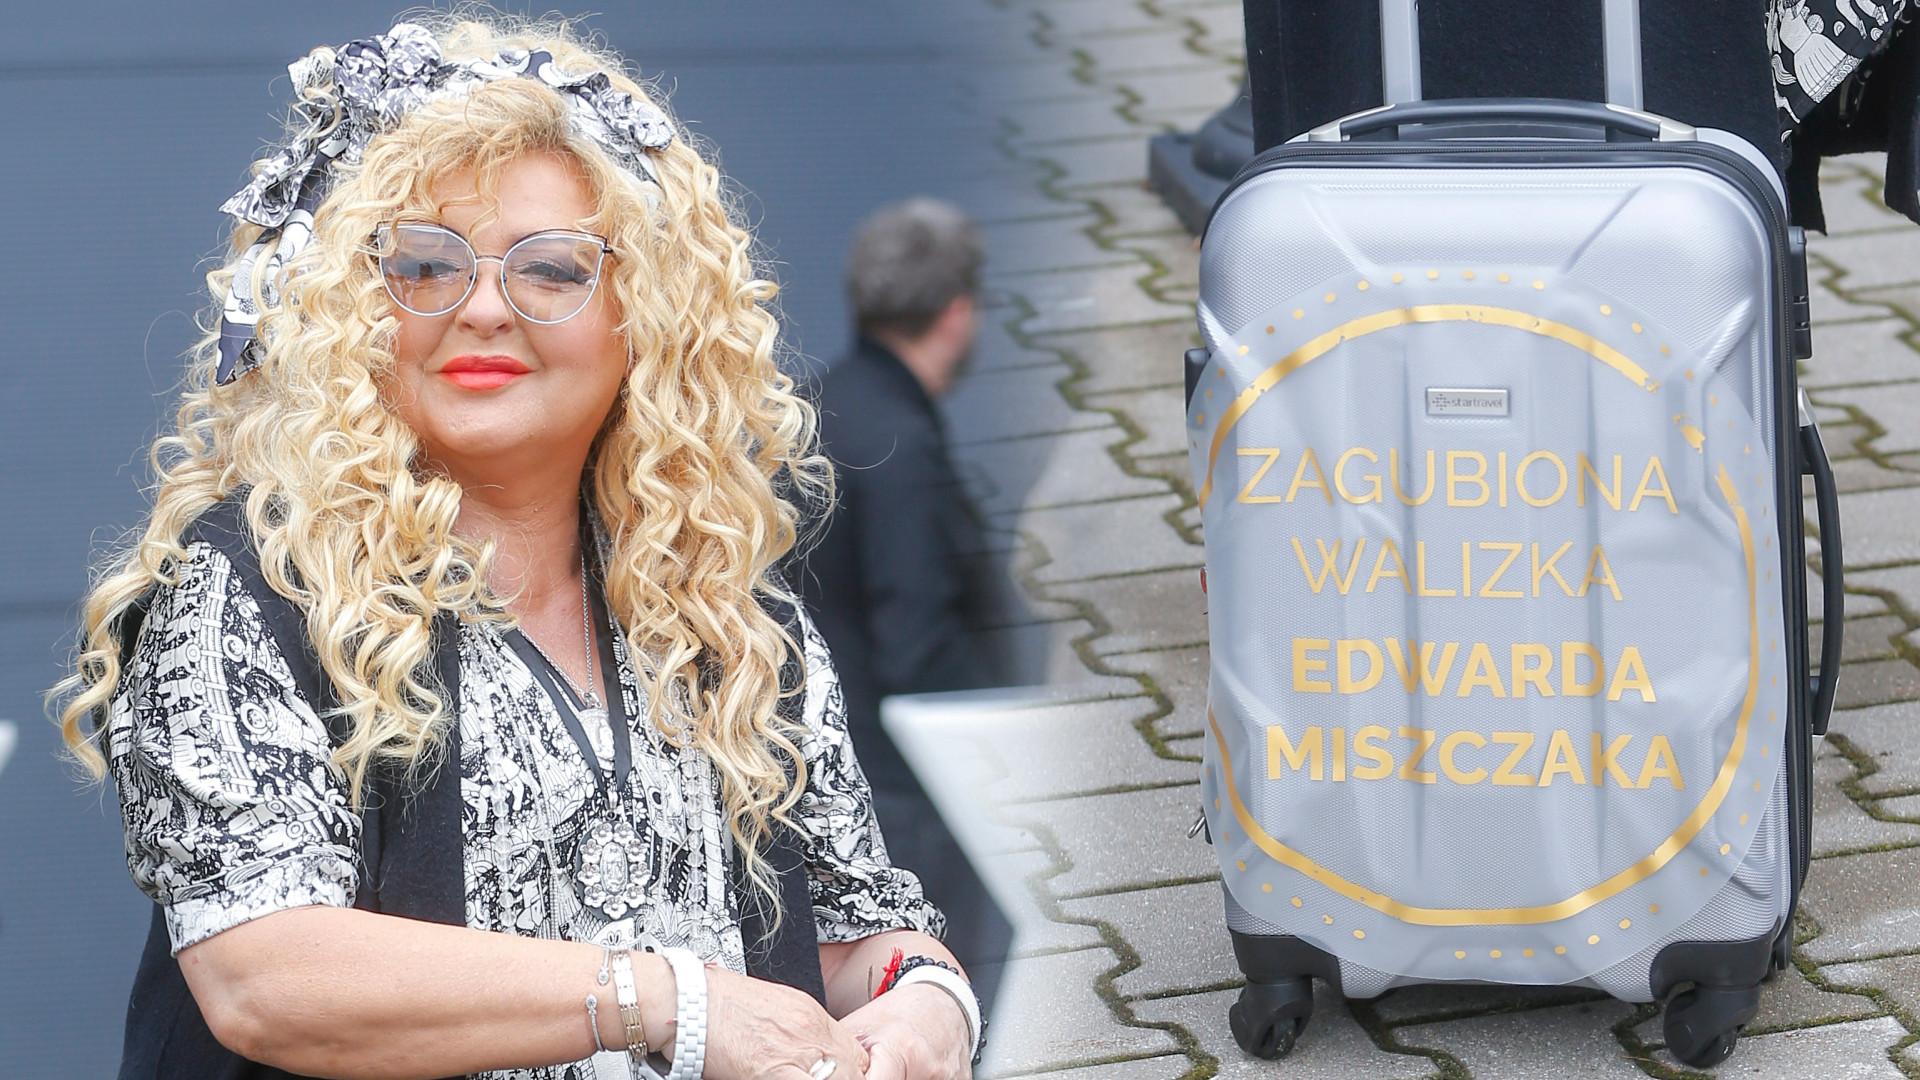 Magda Gessler na ramówkę TVN przybyła z WALIZKĄ – nie zgadniecie, co w niej było